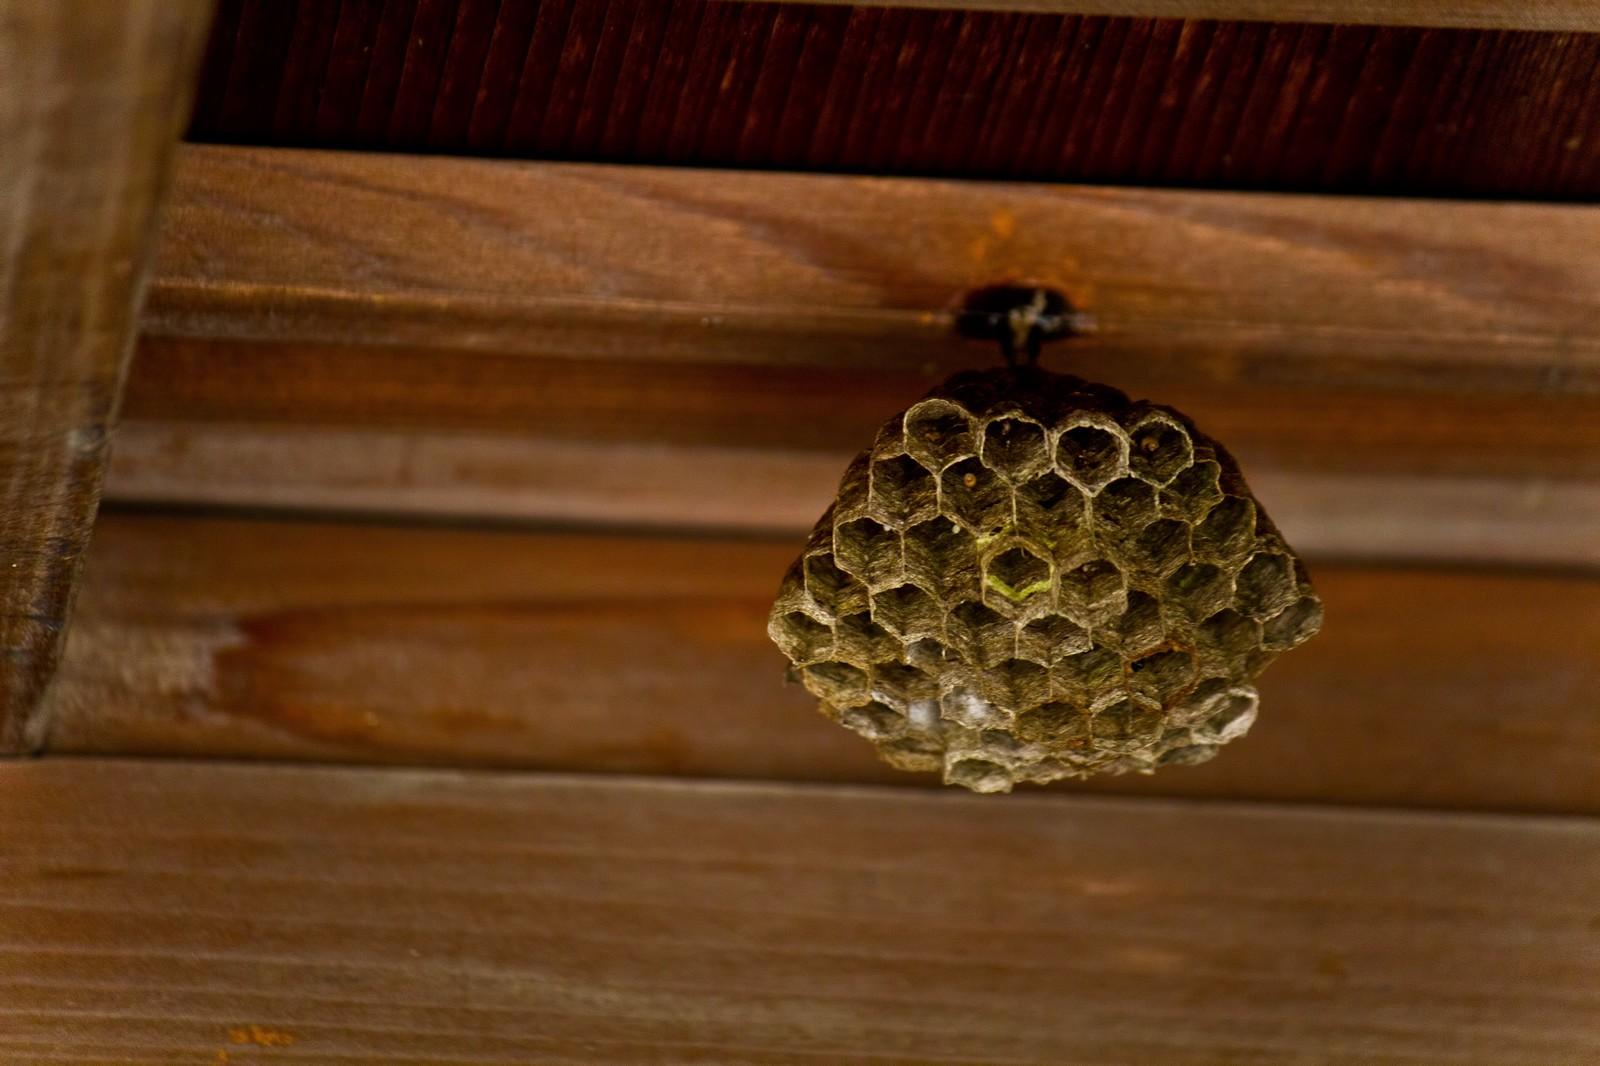 スズメバチの巣駆除は助成金が貰えるぞ